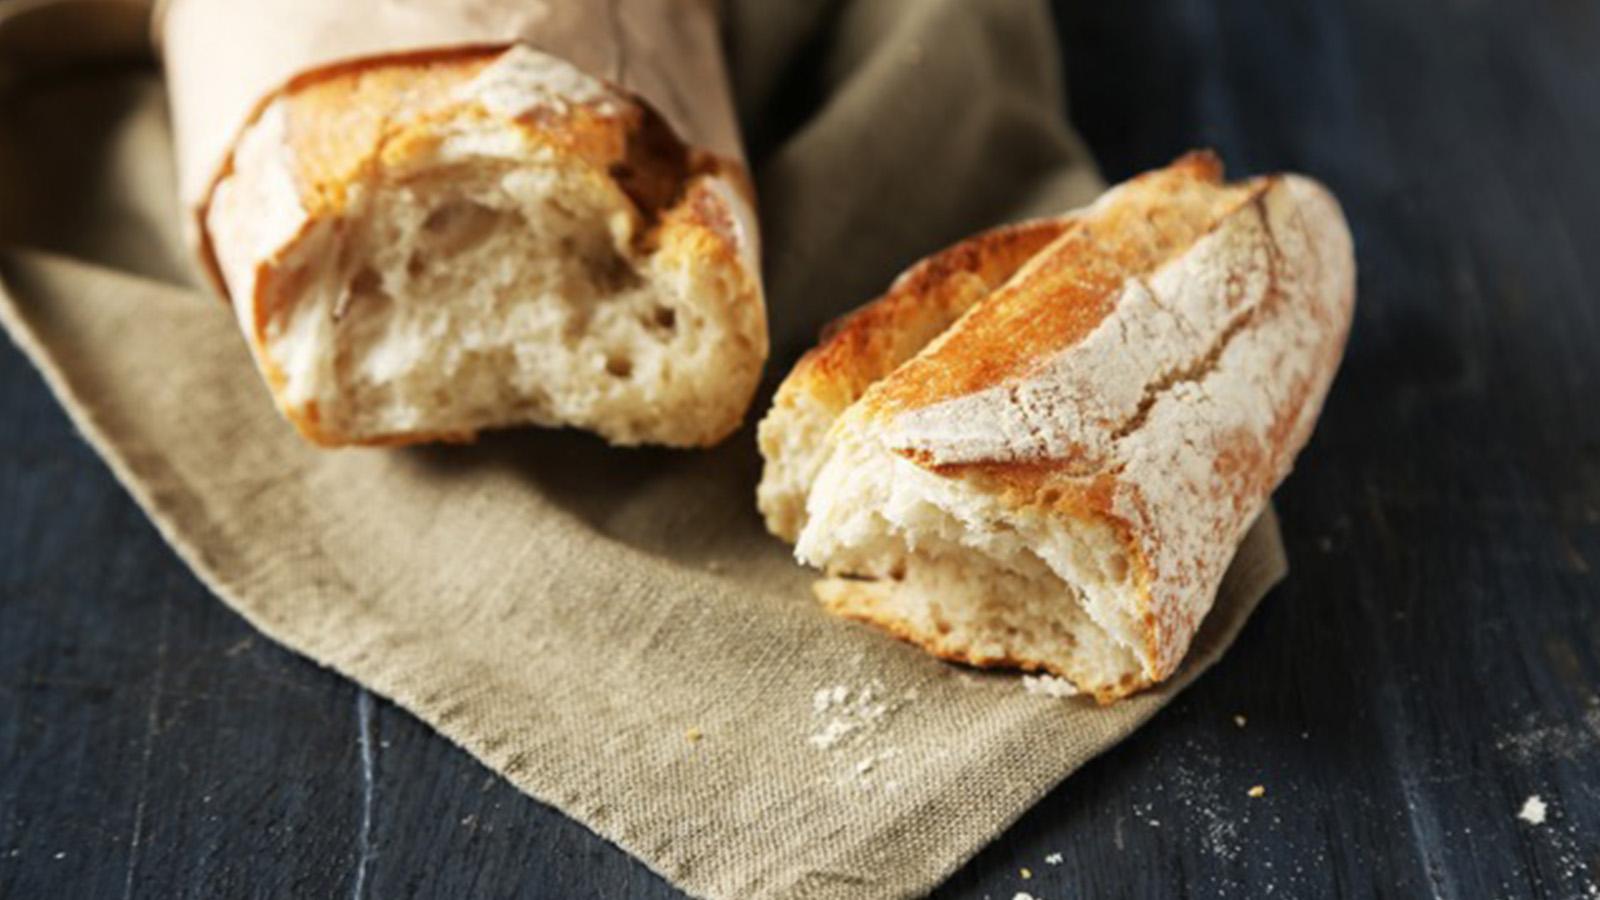 フランスパンはダイエット中でも食べられる!パン好き女子が楽しく痩せる方法